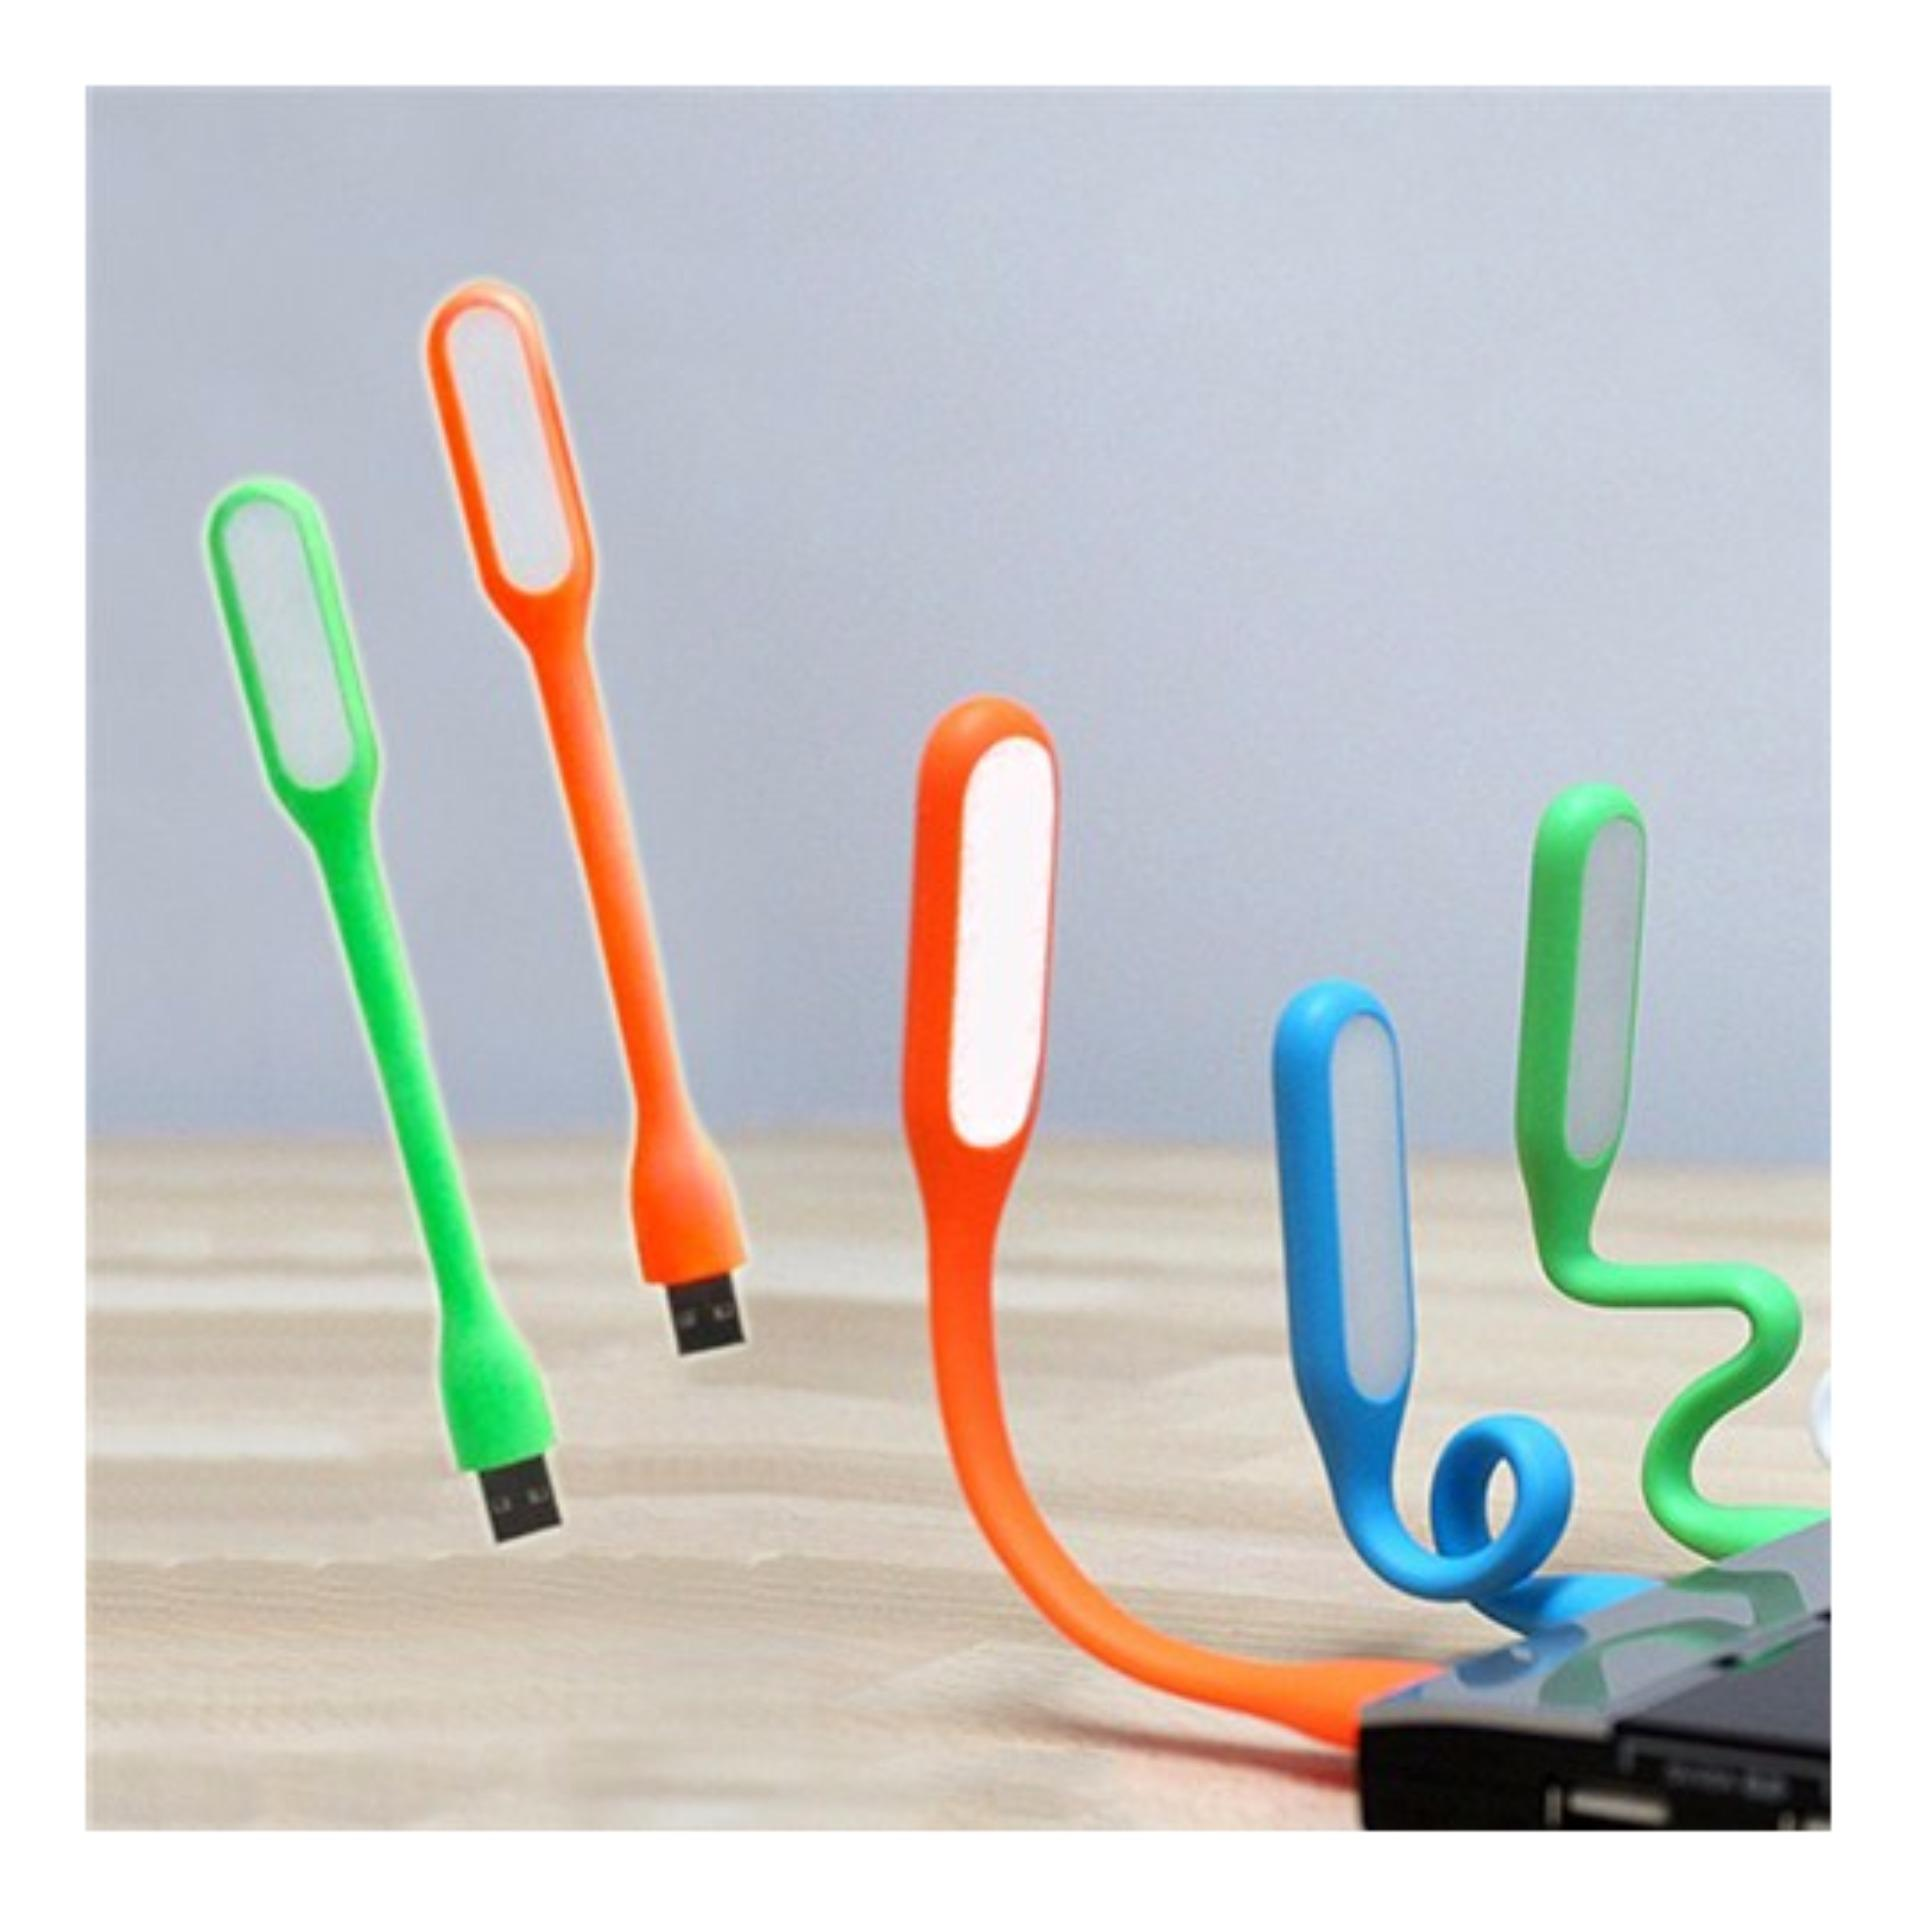 Mua Bộ 5 đèn led USB siêu sáng uốn dẻo nhập khẩu Singapore không hại mắt Tại MINCHAN